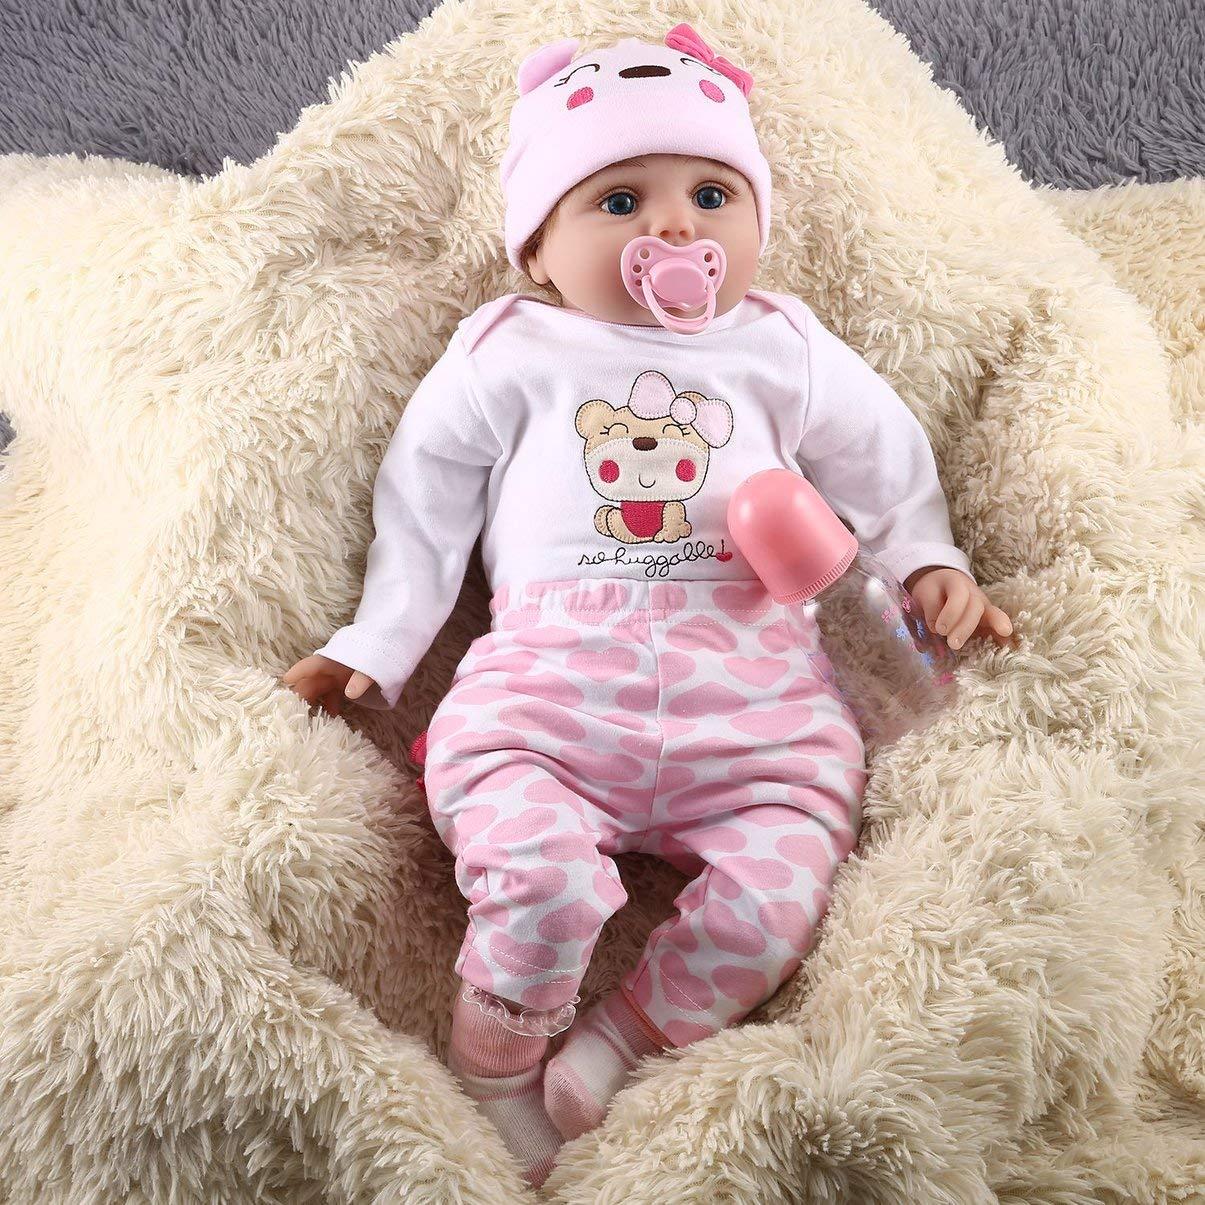 JullyeleDEgant 55 cm 6 Teile / Satz Nette Design Kinder Reborn Baby Puppe Weiche Vinyl Lebensechte Newborn Puppe Mädchen Beste Geburtstagsgeschenk Für Kinder Mädchen